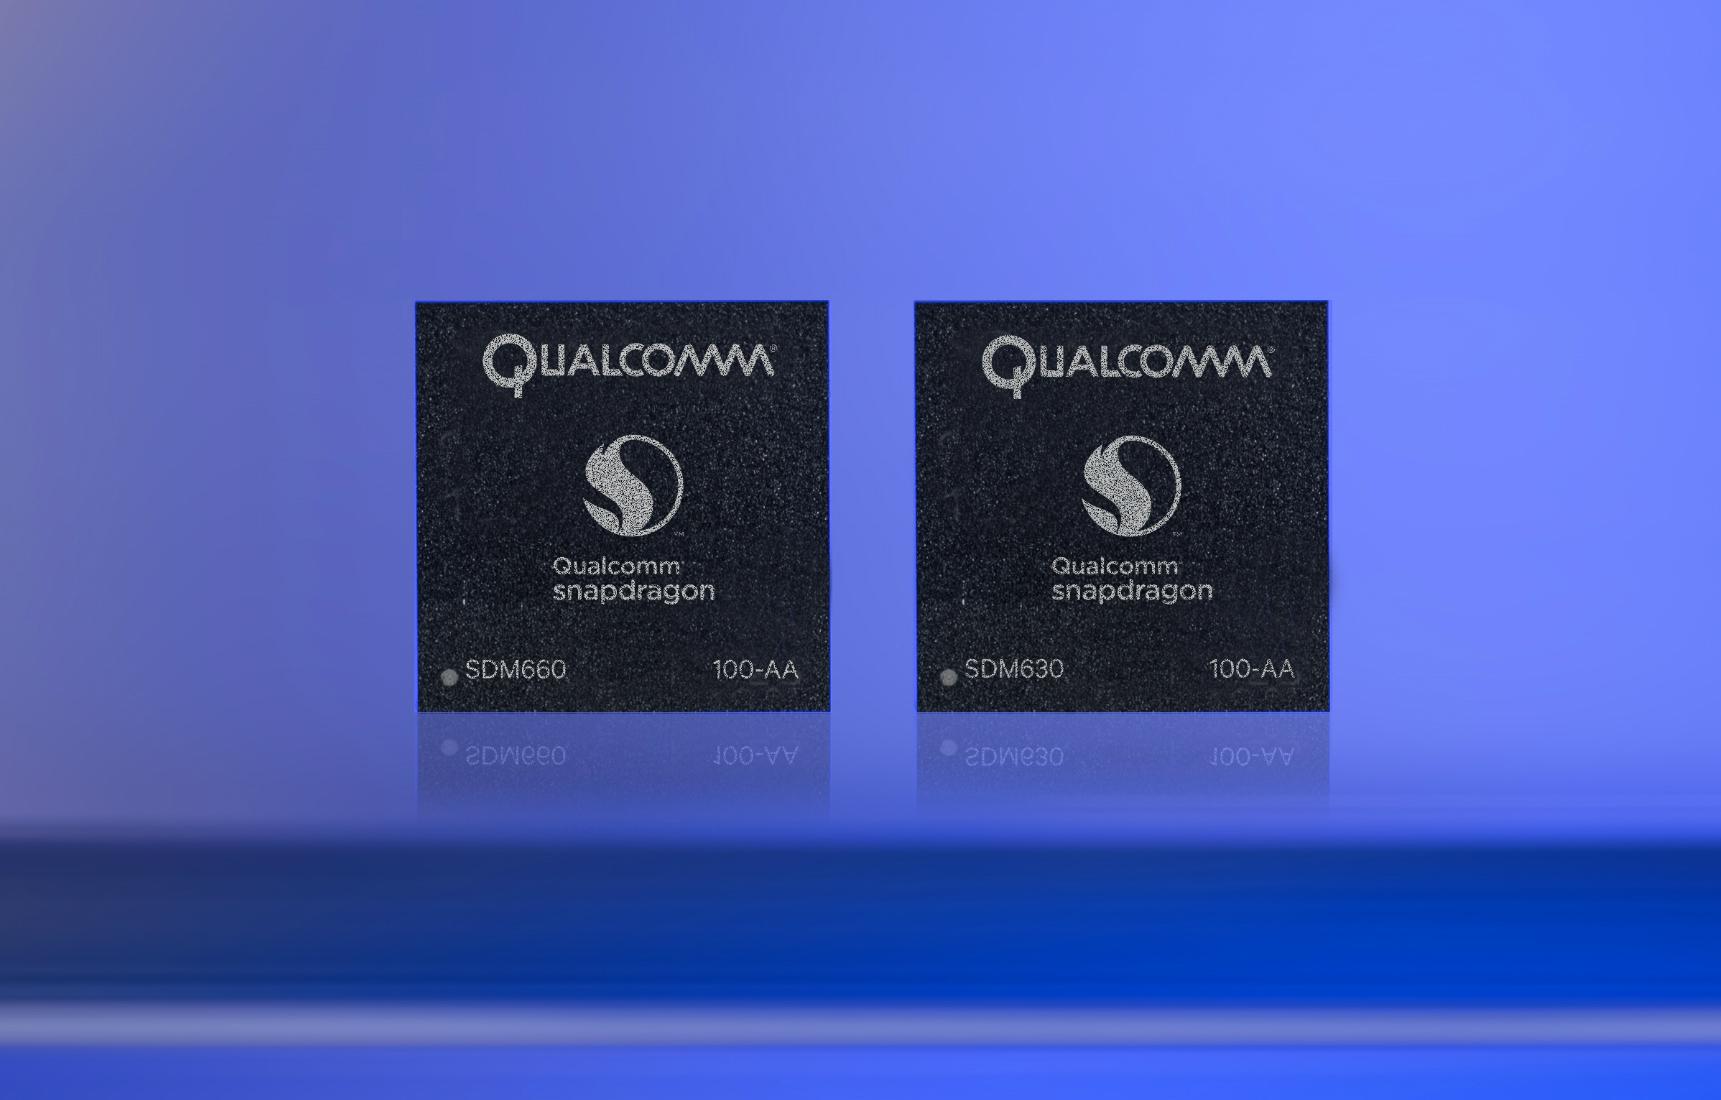 Los nuevos cerebros de gama media de Qualcomm mejoran bastante las GPU